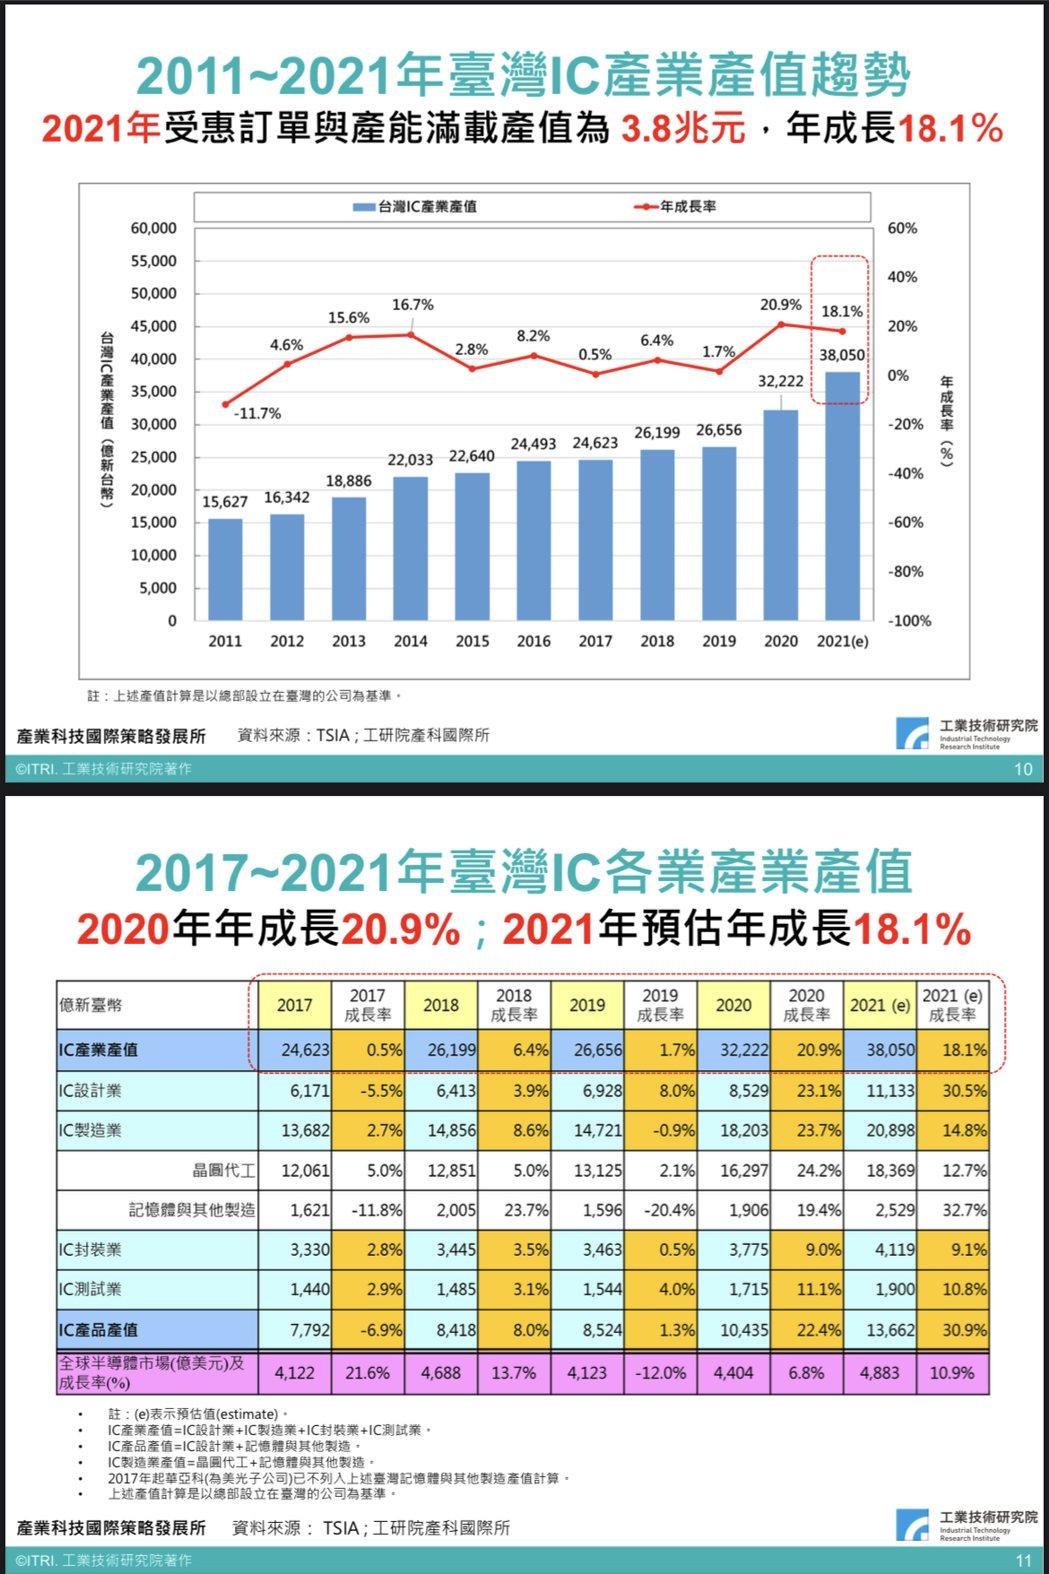 工研院IEKCQM估半導體產業2021年產值3.8兆元新里程碑,年增18.1%。...